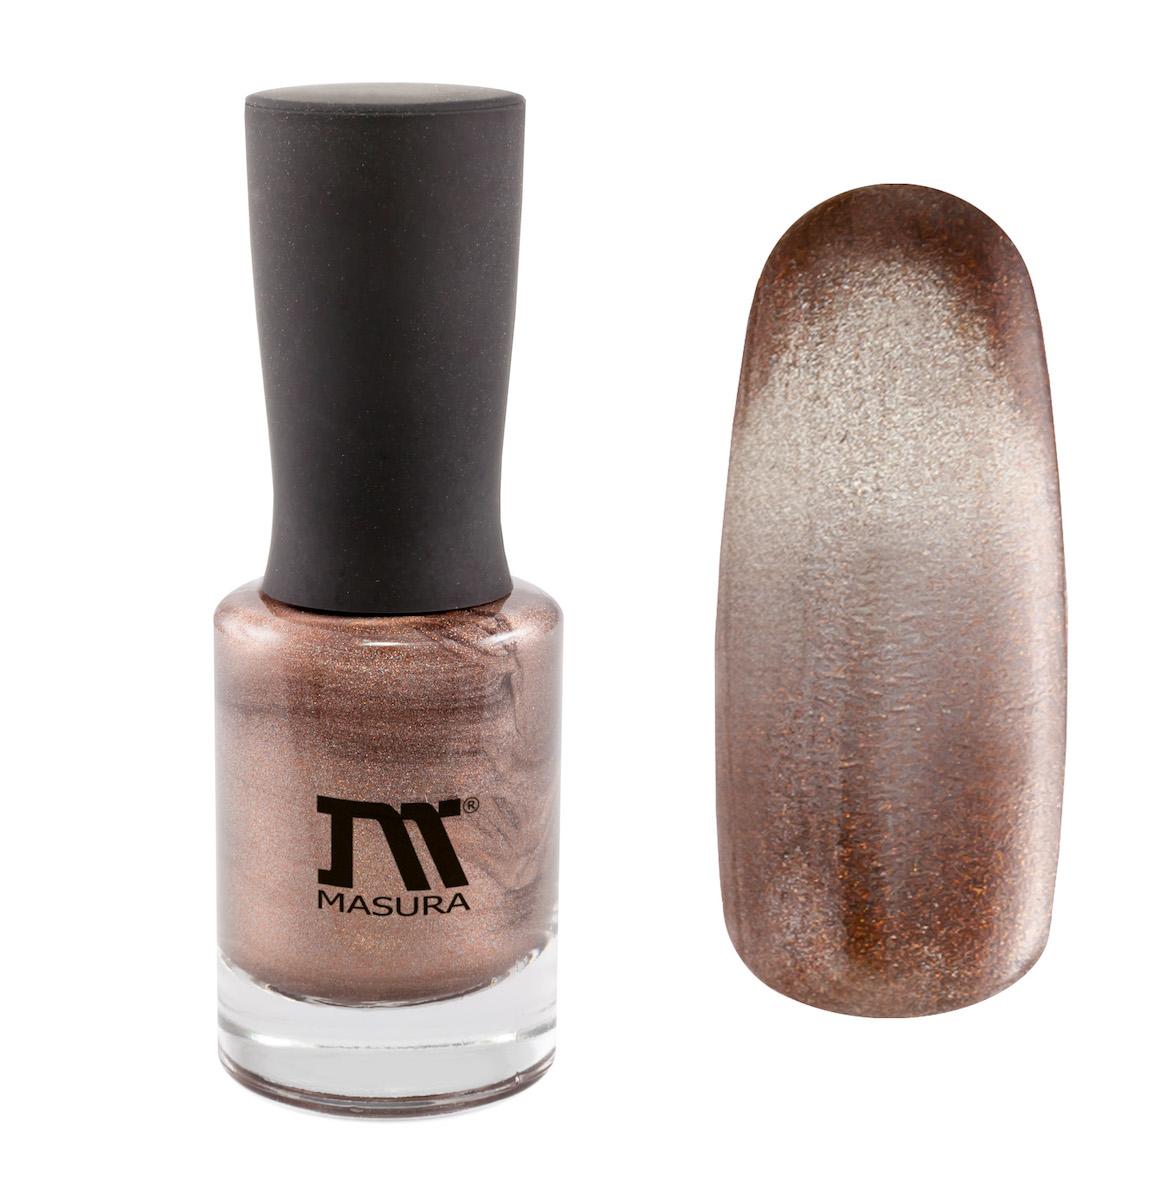 Masura Лак для ногтей Дымчатый Раухтопаз, 11 млУТ00000387светло-коричневый, с серебристым подтоном, с золотыми микроблестками, плотный